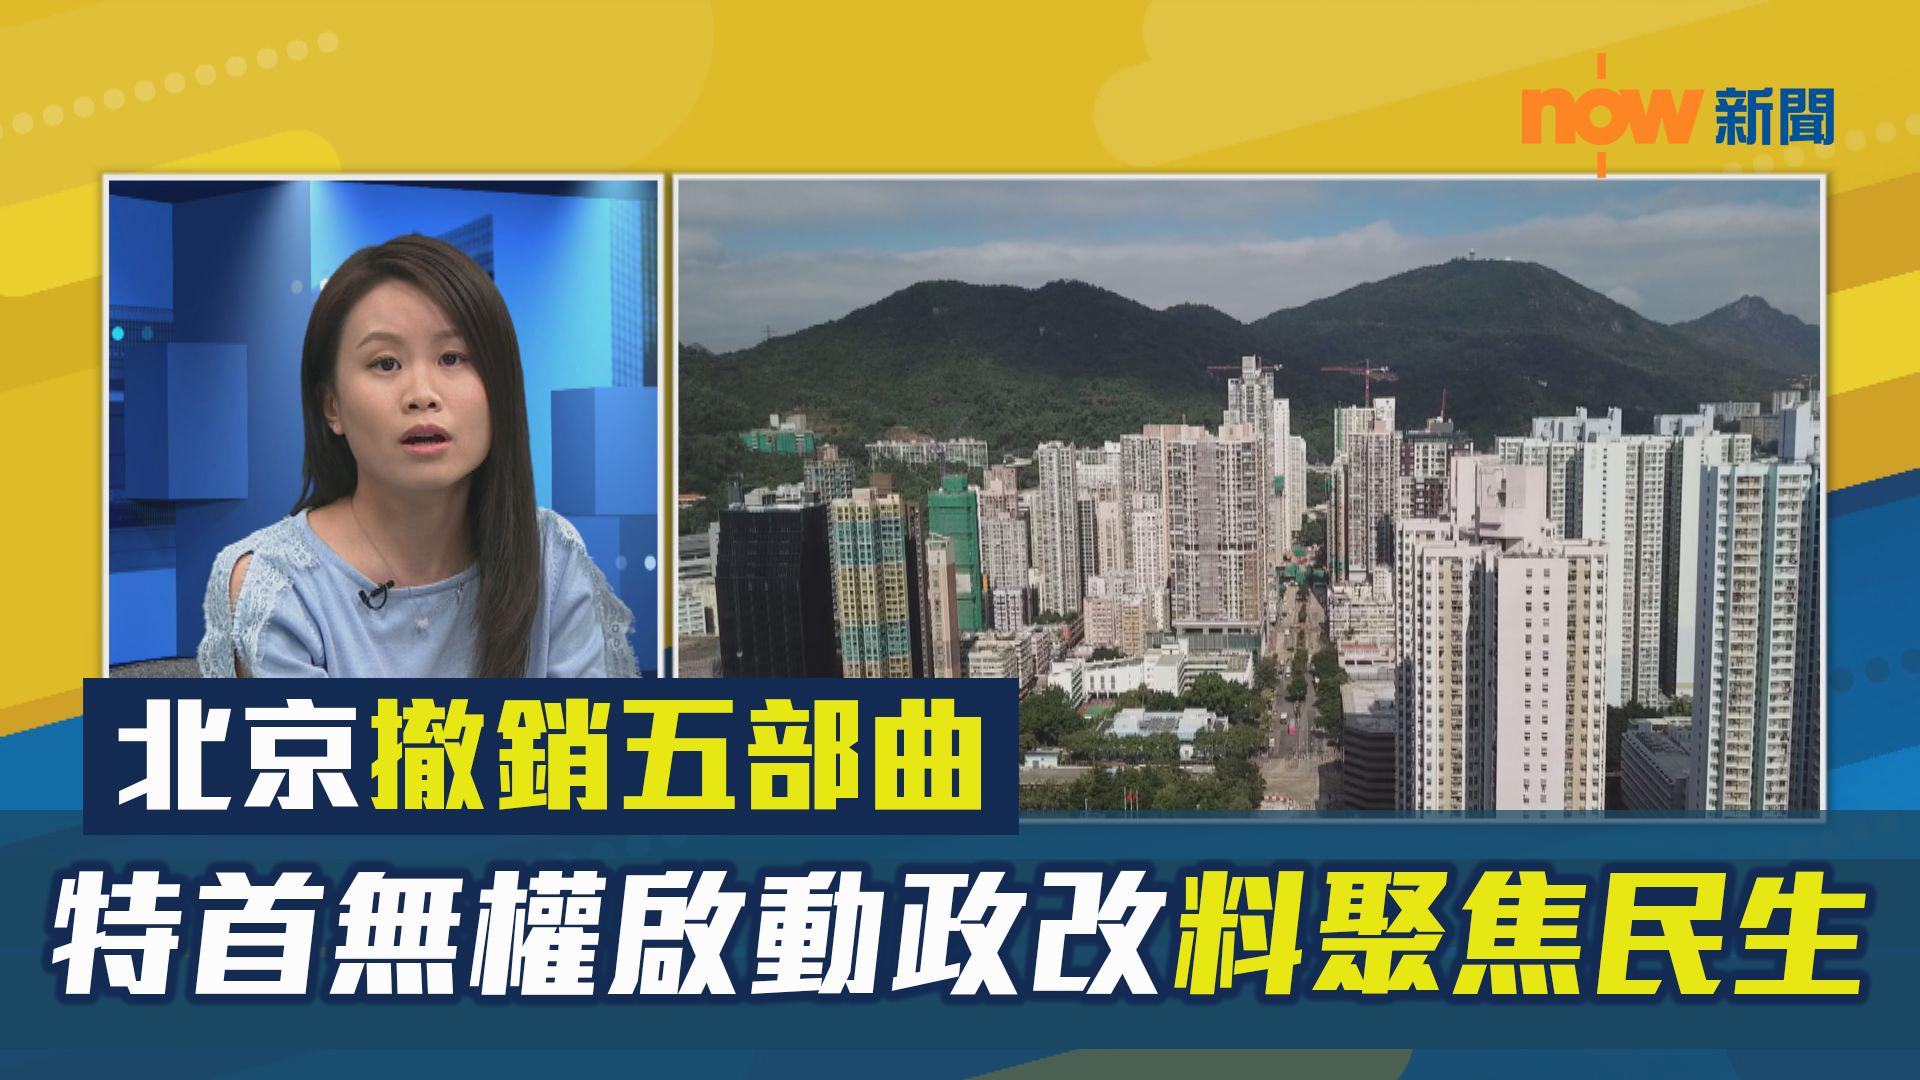 【政情】北京撤銷五部曲 特首無權啟動政改料聚焦民生